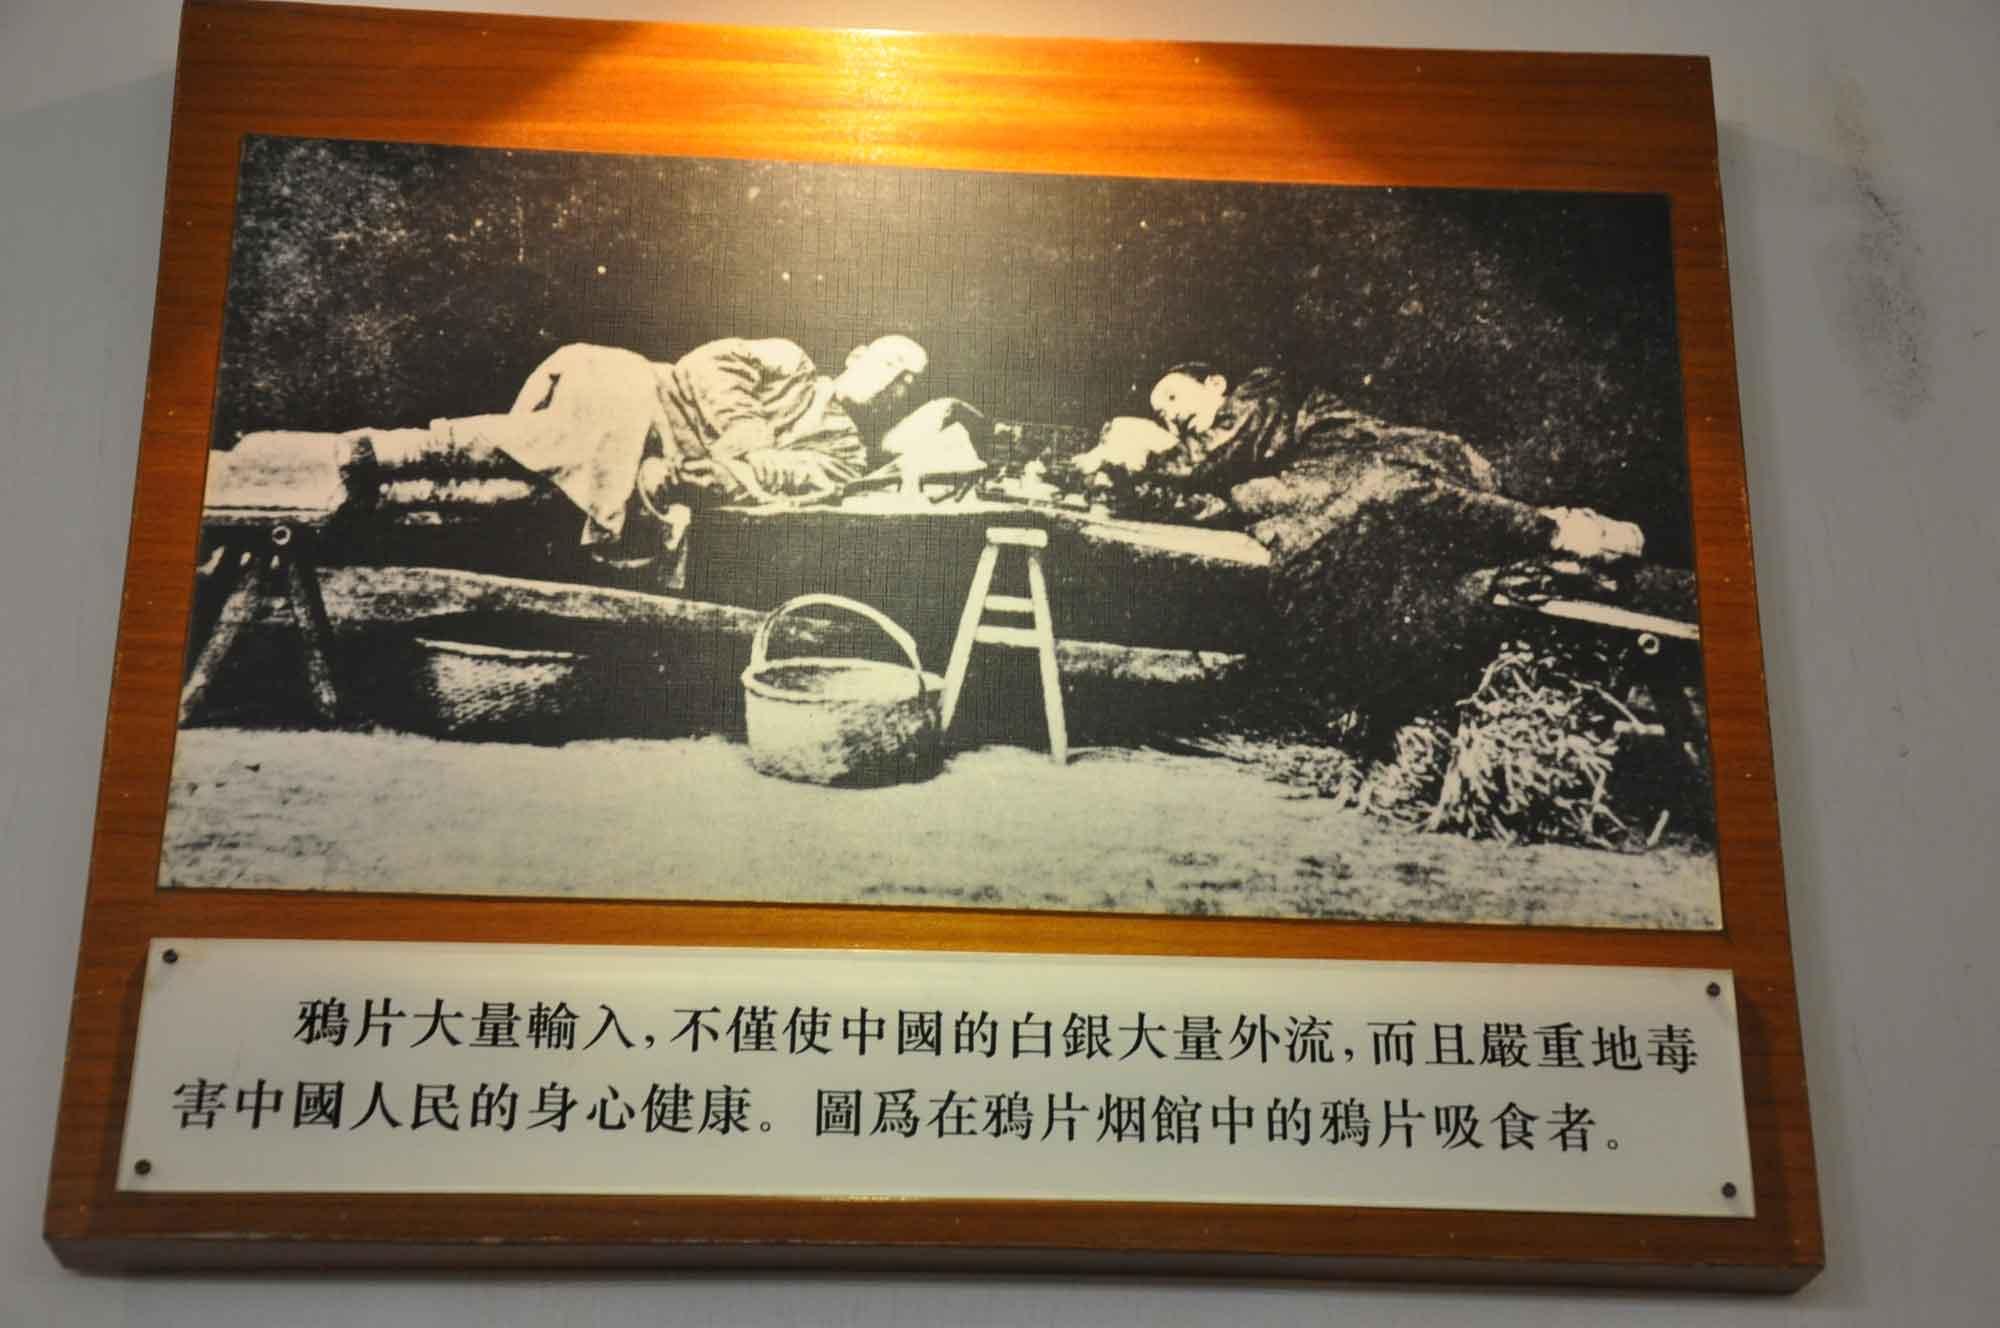 Lin Ze Xu Museum picture of opium smokers